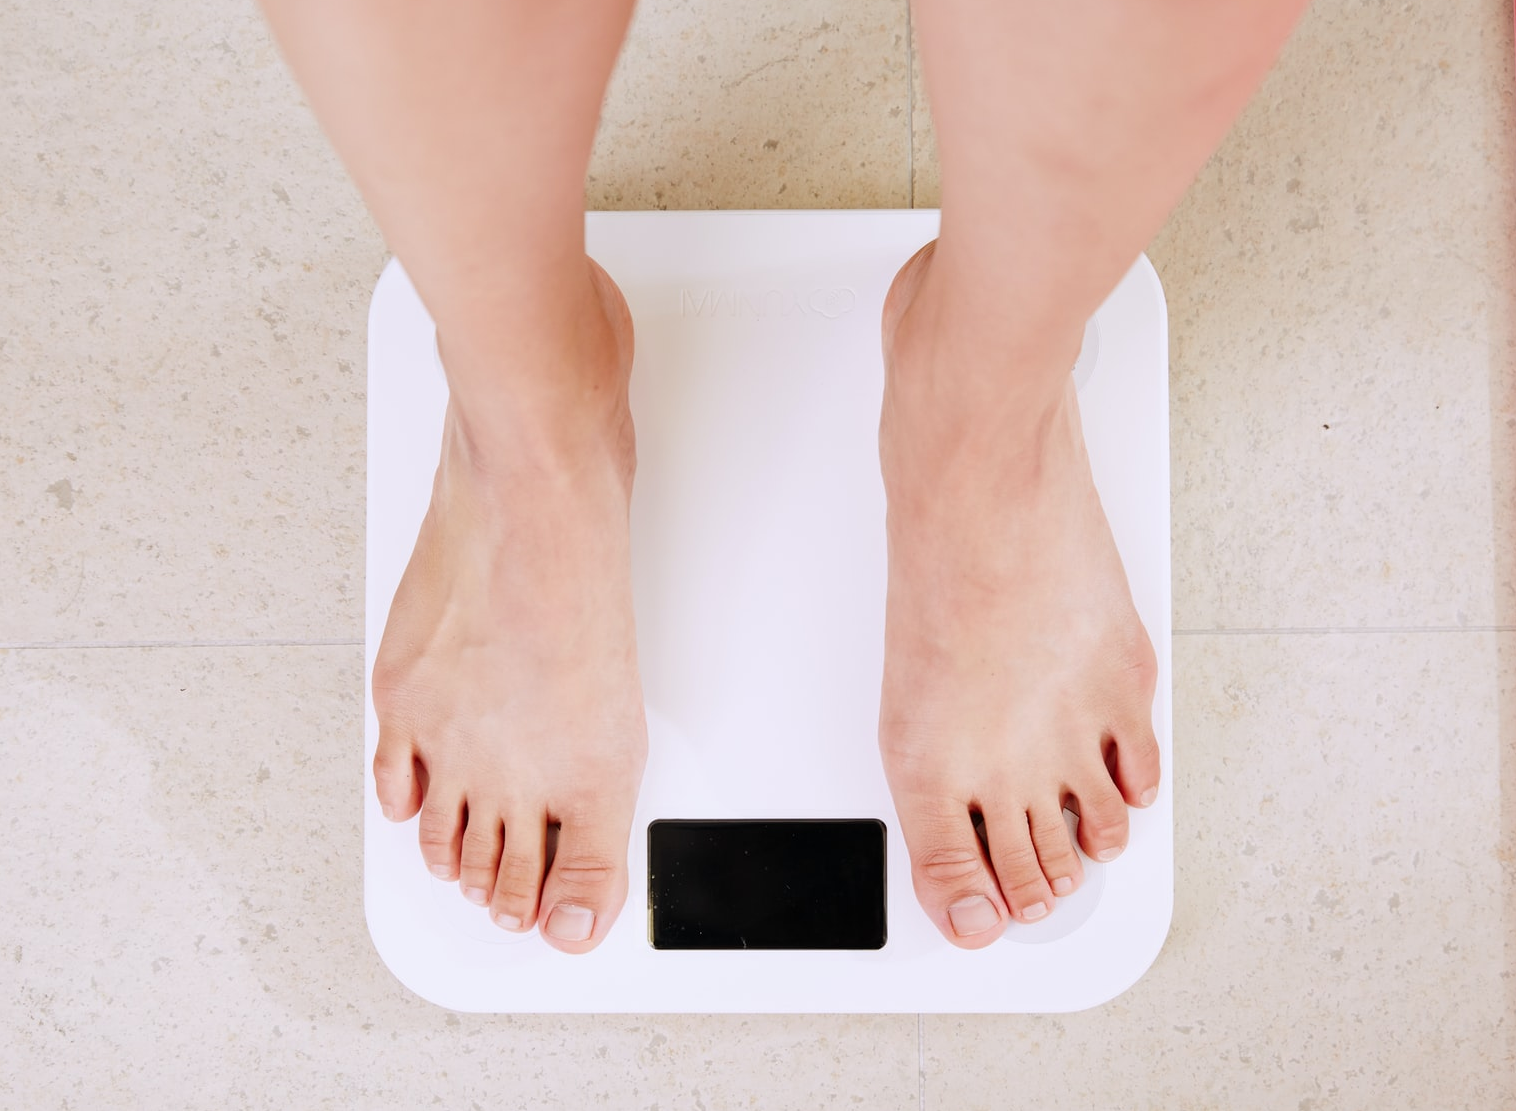 Coronavirus and Obesity